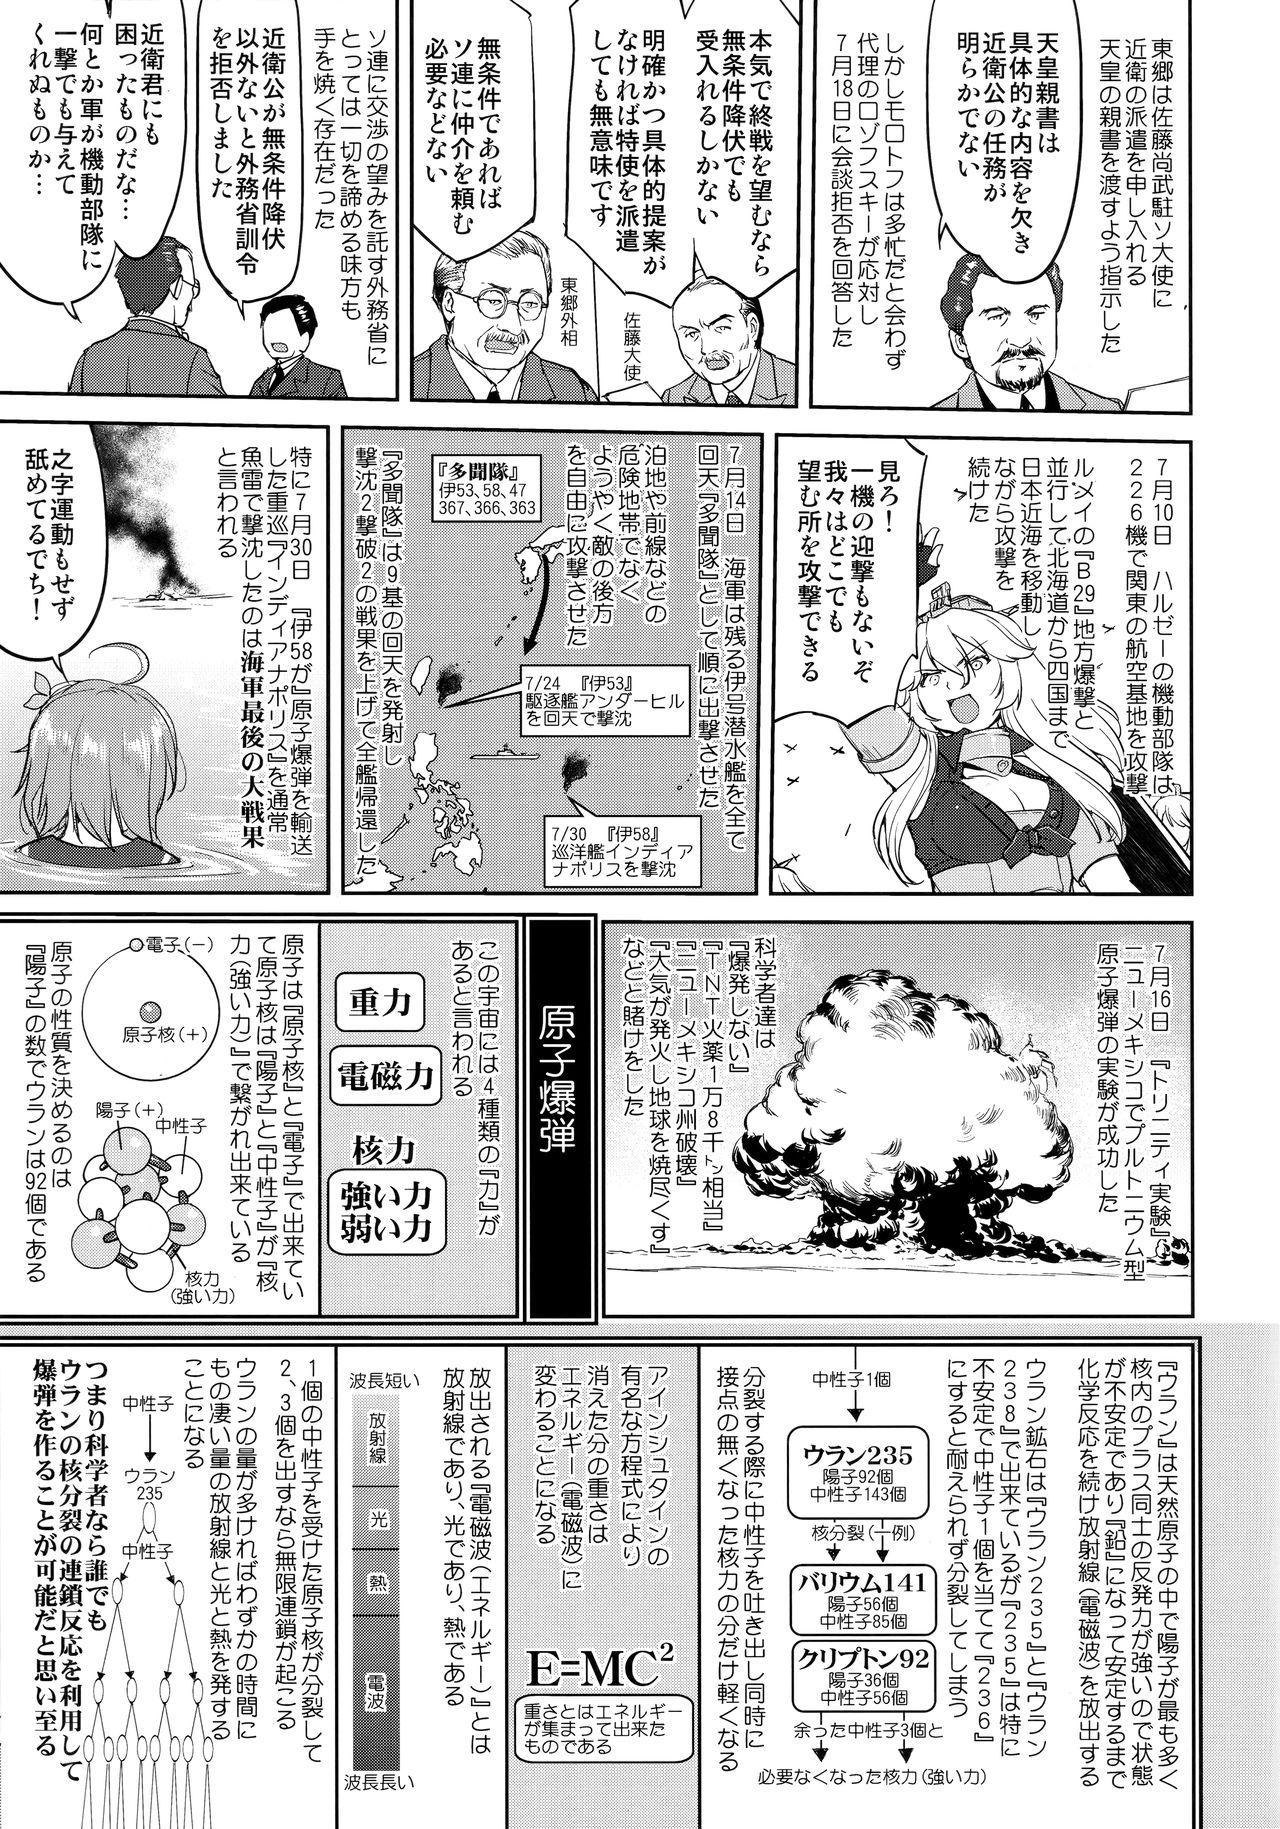 Teitoku no Ketsudan Kanmusu no Ichiban Nagai Hi 41